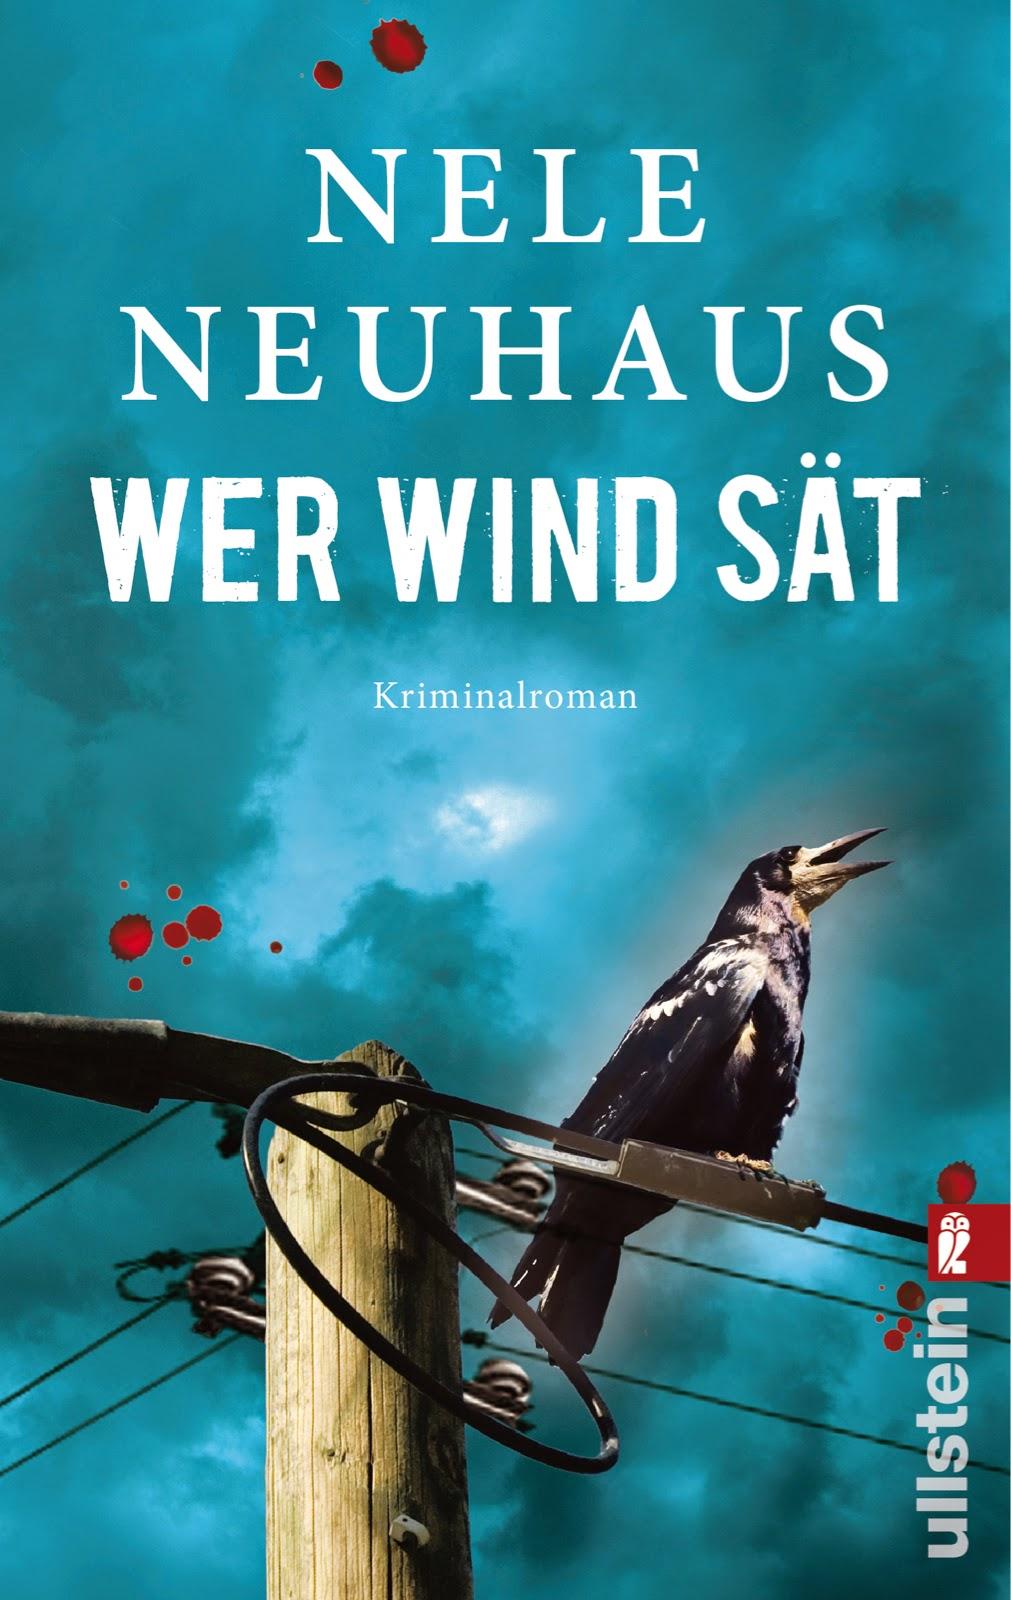 http://lasszeilensprechen.blogspot.com/2015/04/wer-wind-sat-nele-neuhaus.html